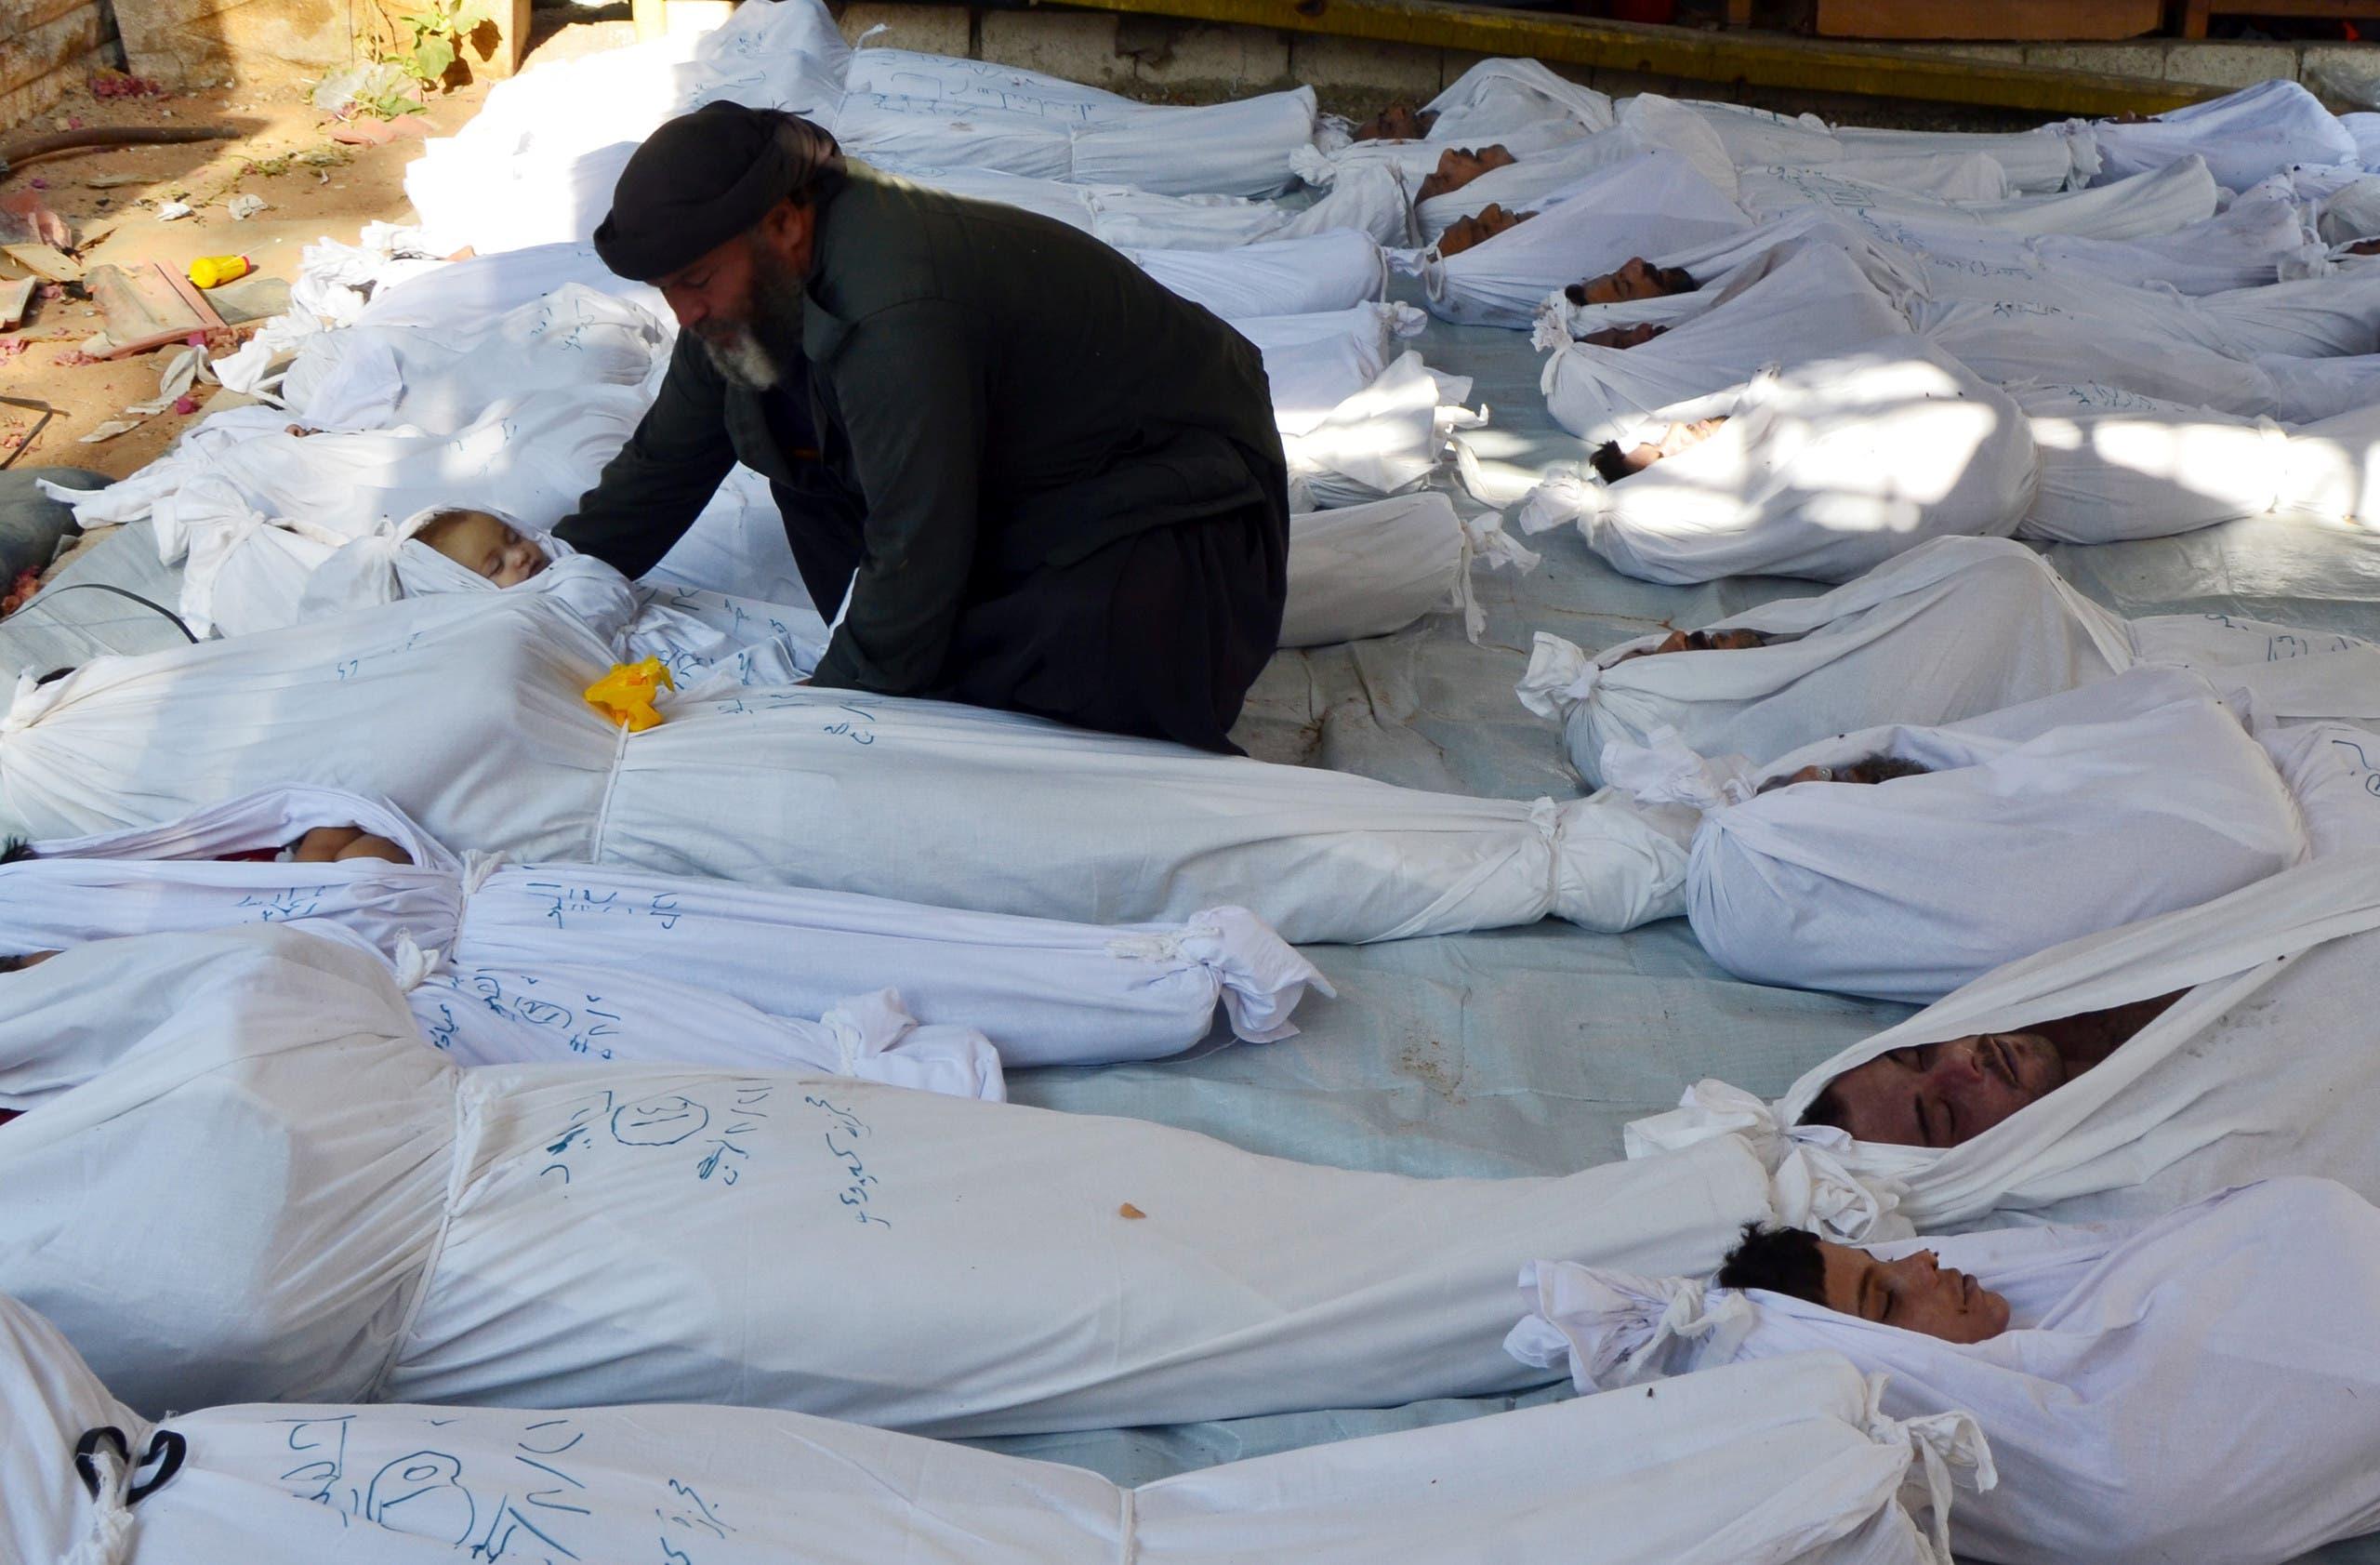 من ضحايا الهجوم الكيمياوي في الغوطة في 2013